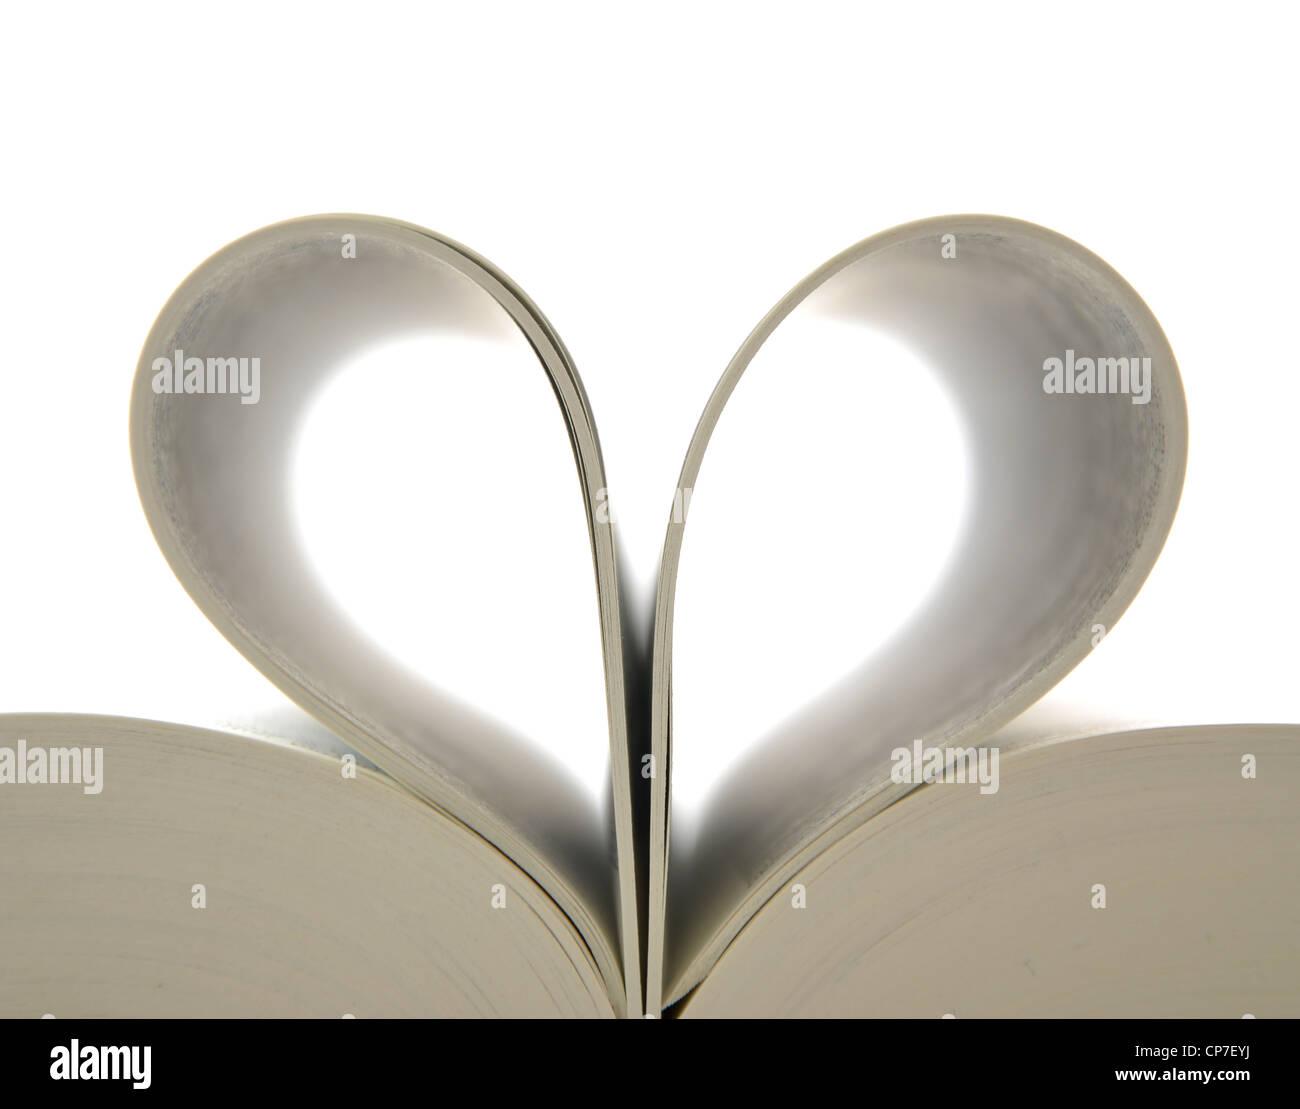 Livro com páginas abertas e forma de coração Imagens de Stock